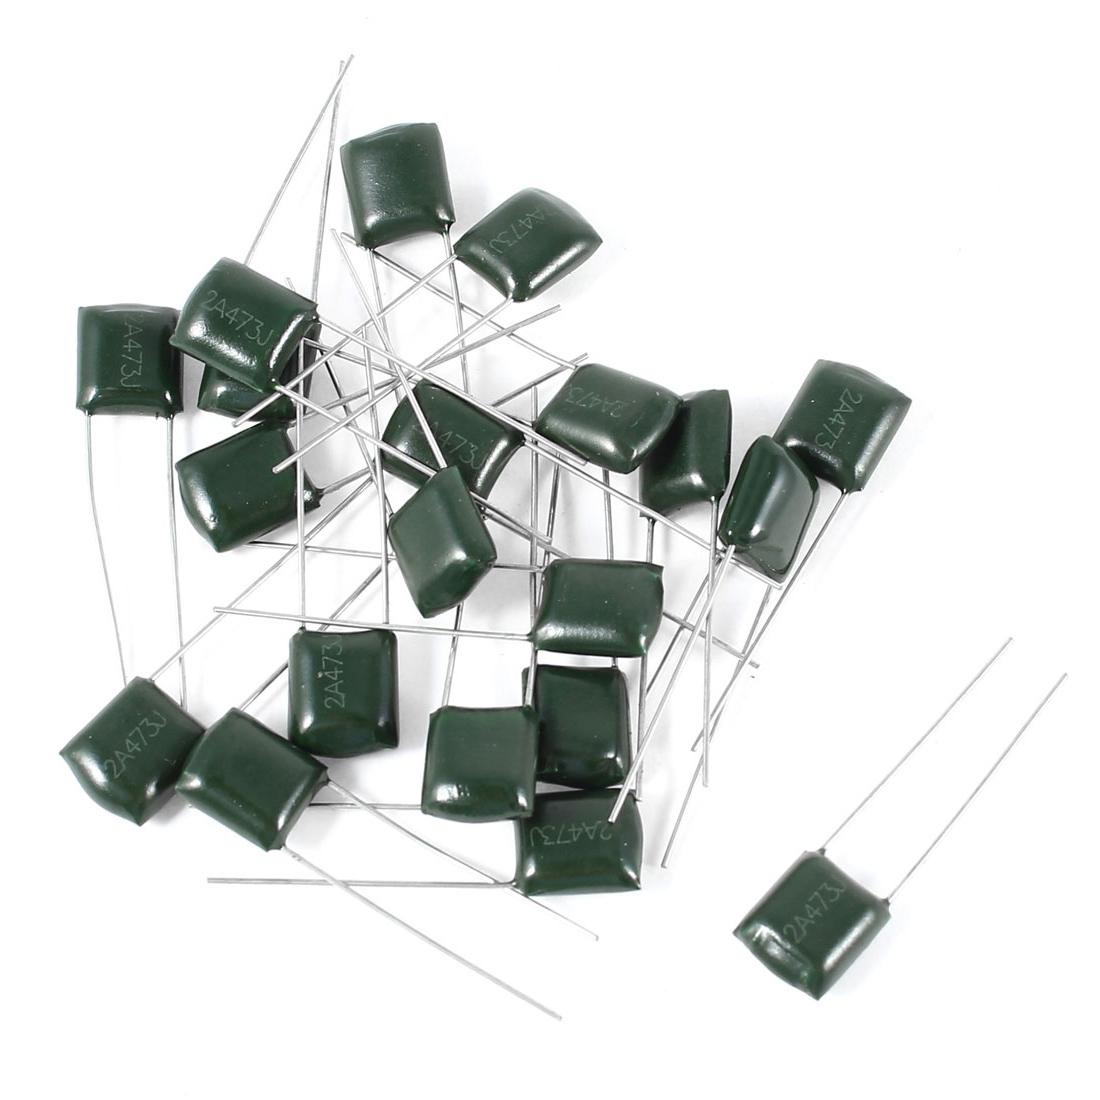 20 Pcs 2A473J 100V 47000pF 5% Mylar Cap Polyester Film Capacitors